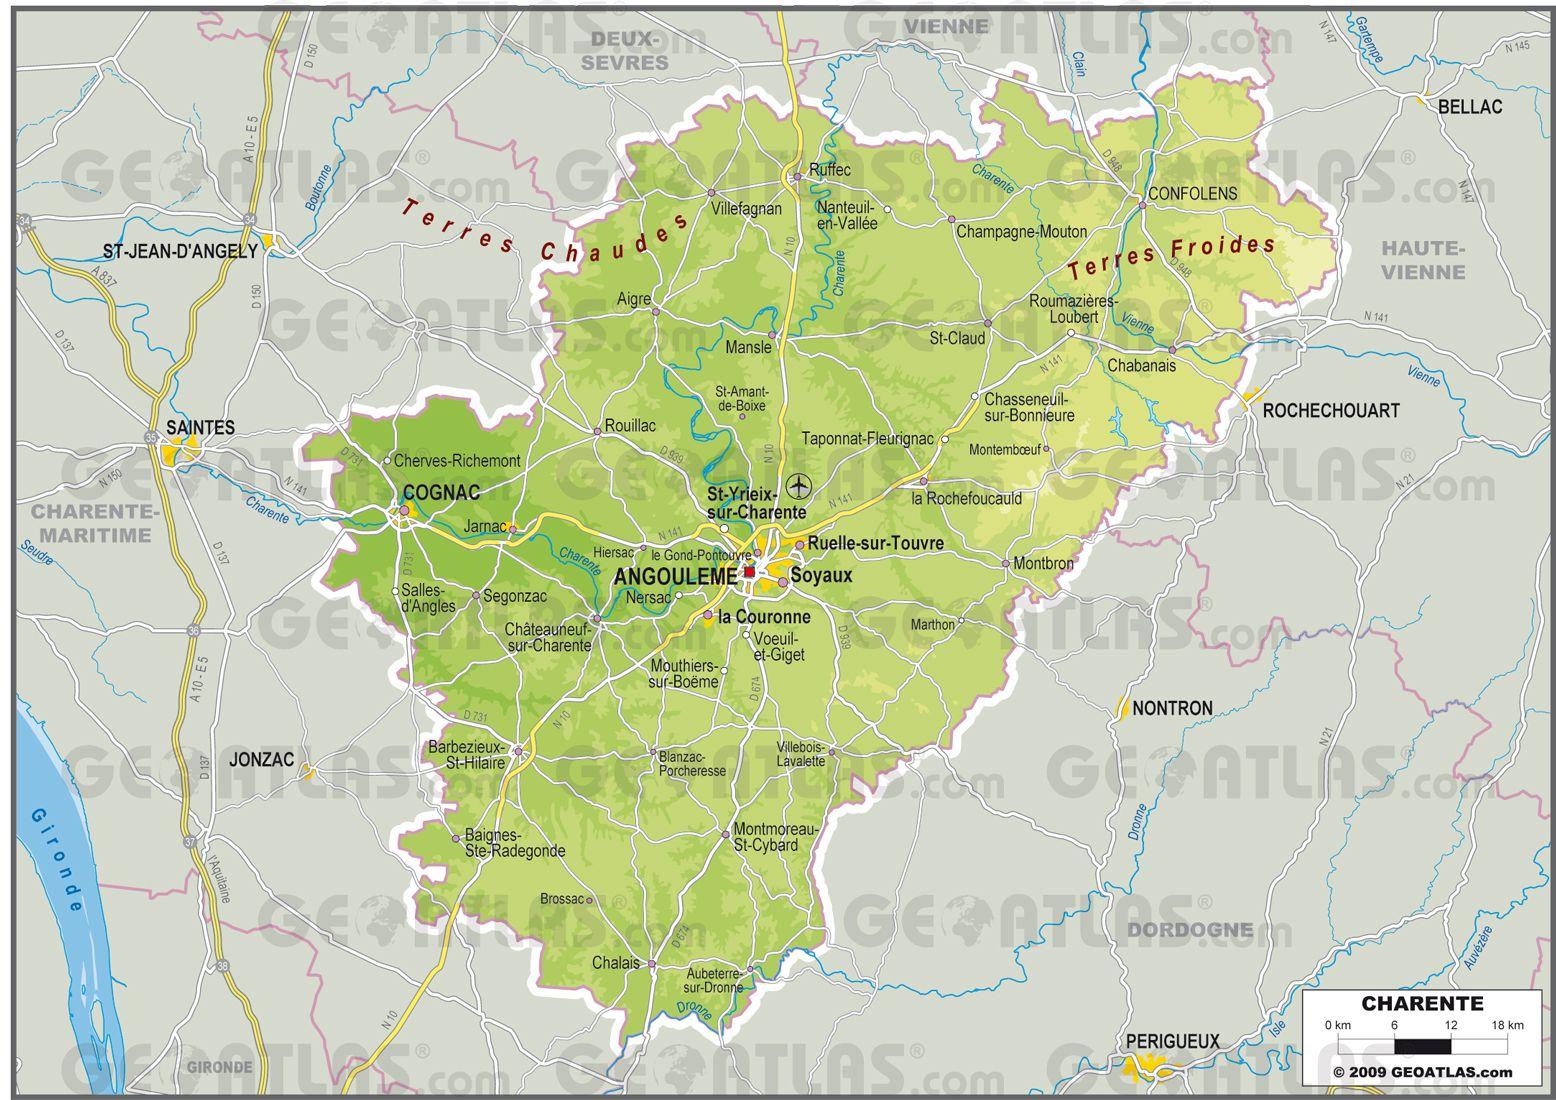 Charente carte